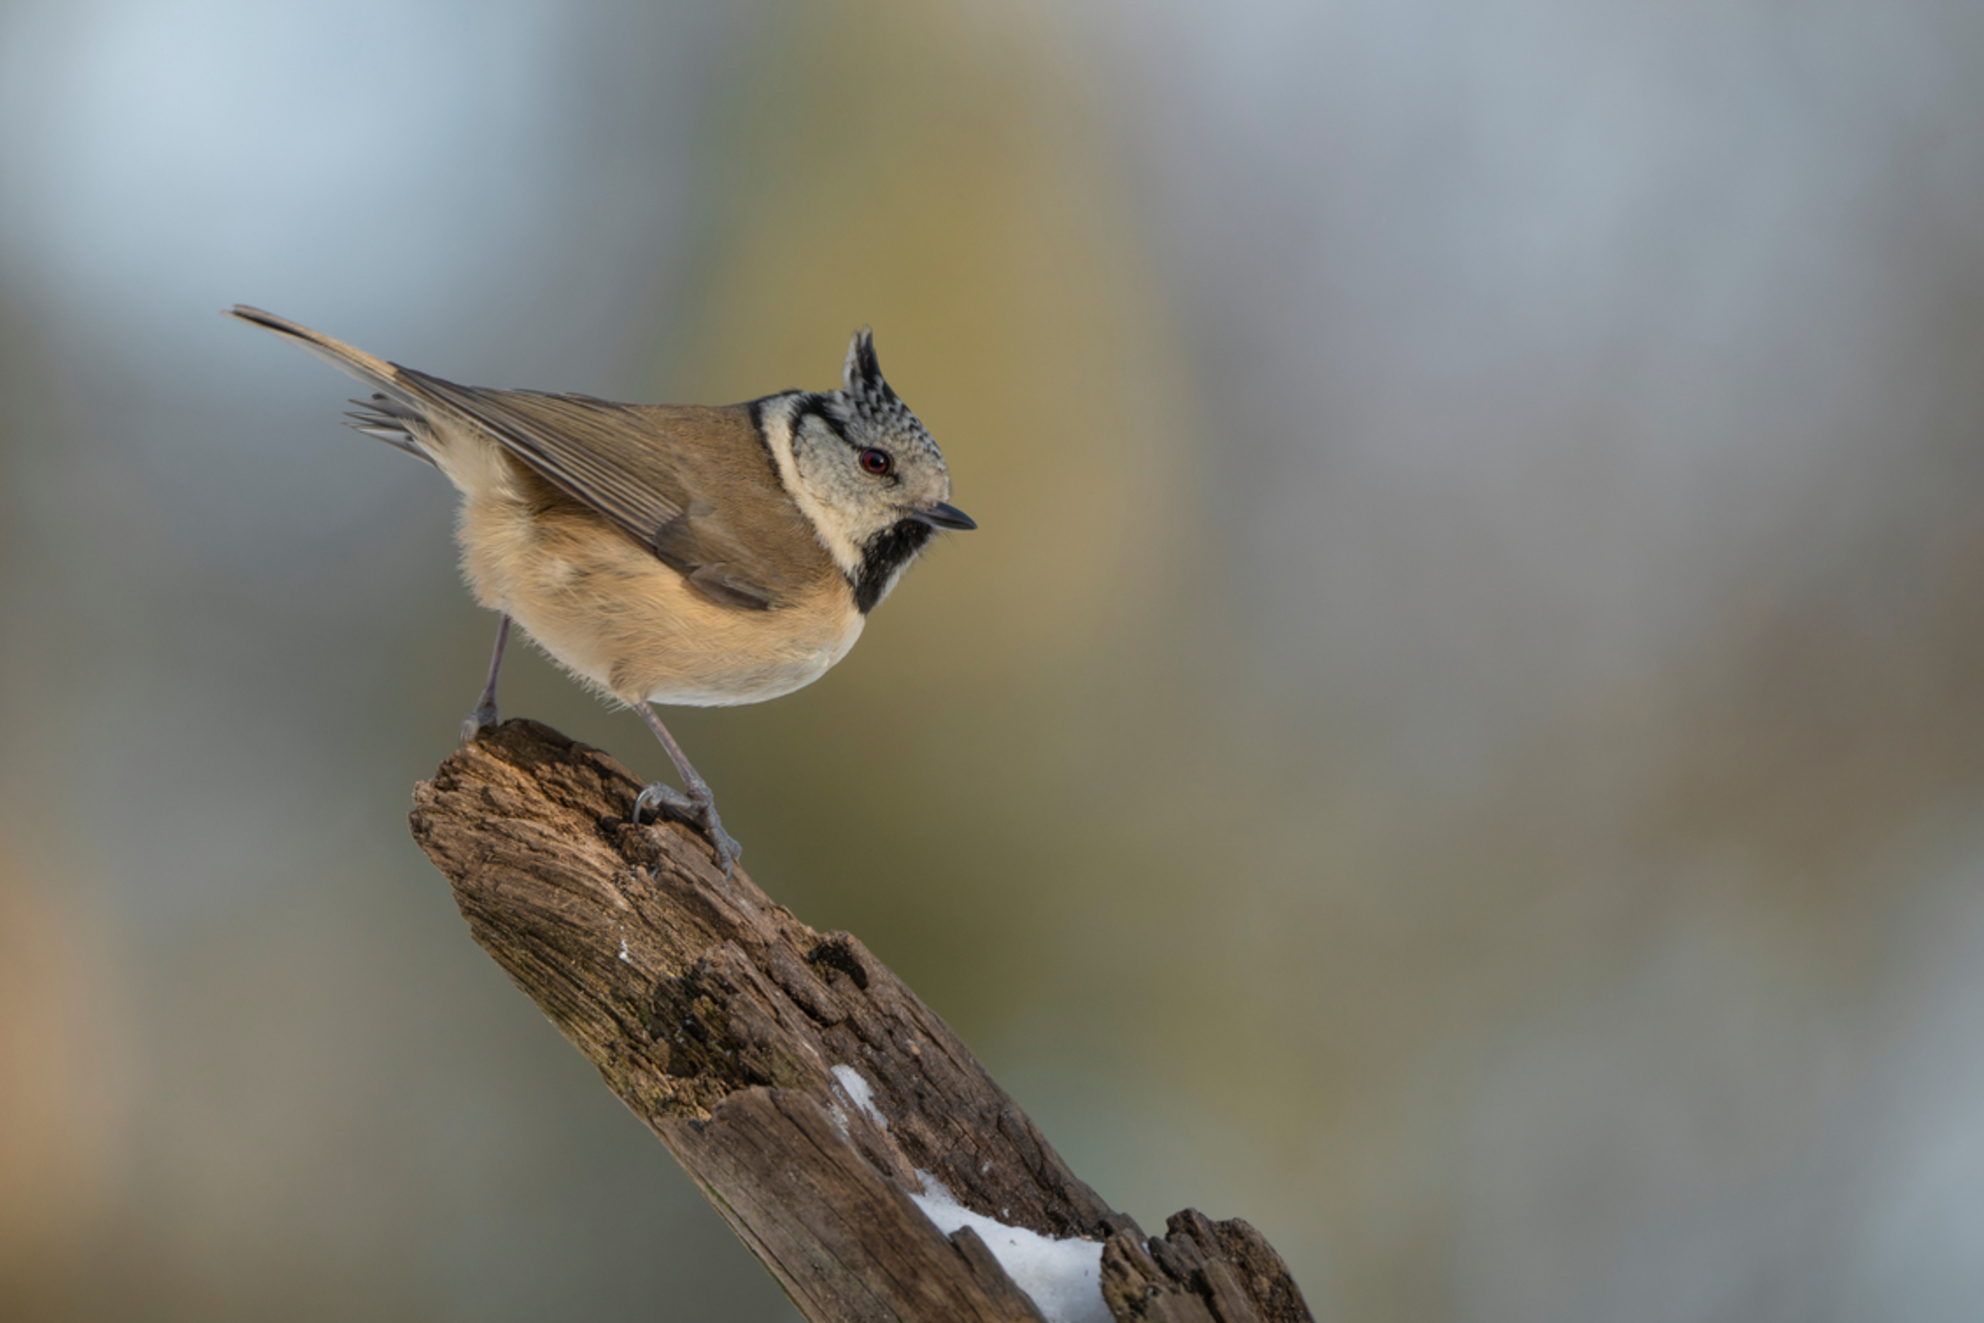 About to.. - Kuifmees dat op het punt staat om weg te vliegen - foto door Erik1967 op 02-03-2021 - deze foto bevat: dieren, vogel, kuifmees - Deze foto mag gebruikt worden in een Zoom.nl publicatie